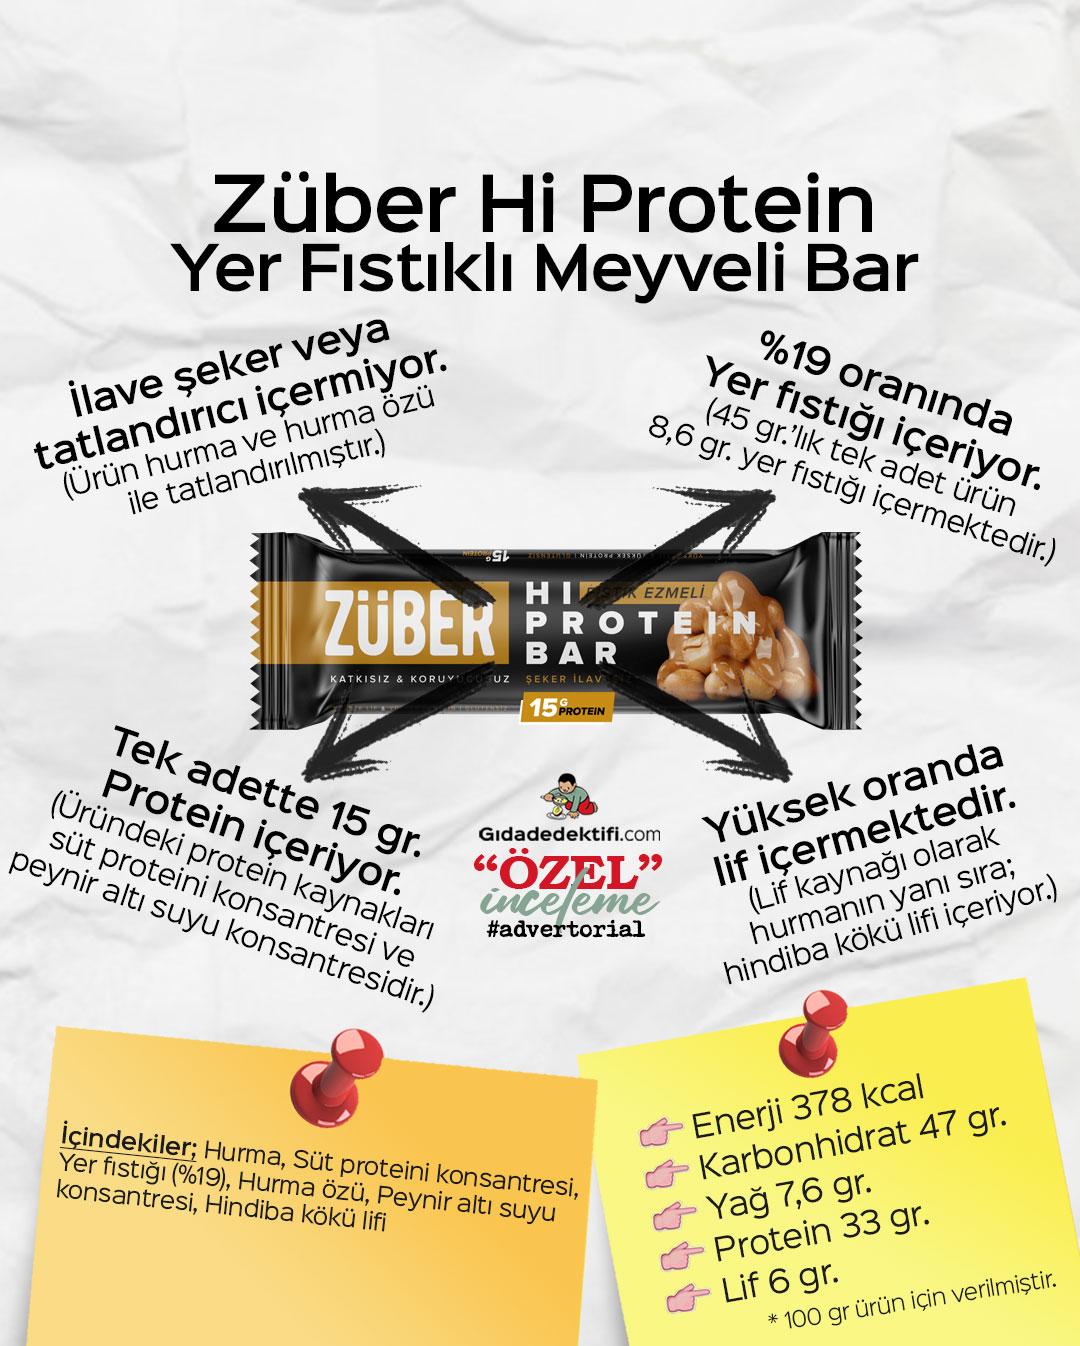 Züber Hi Protein Yer Fıstıklı Meyveli Bar - Gıda Dedektifi